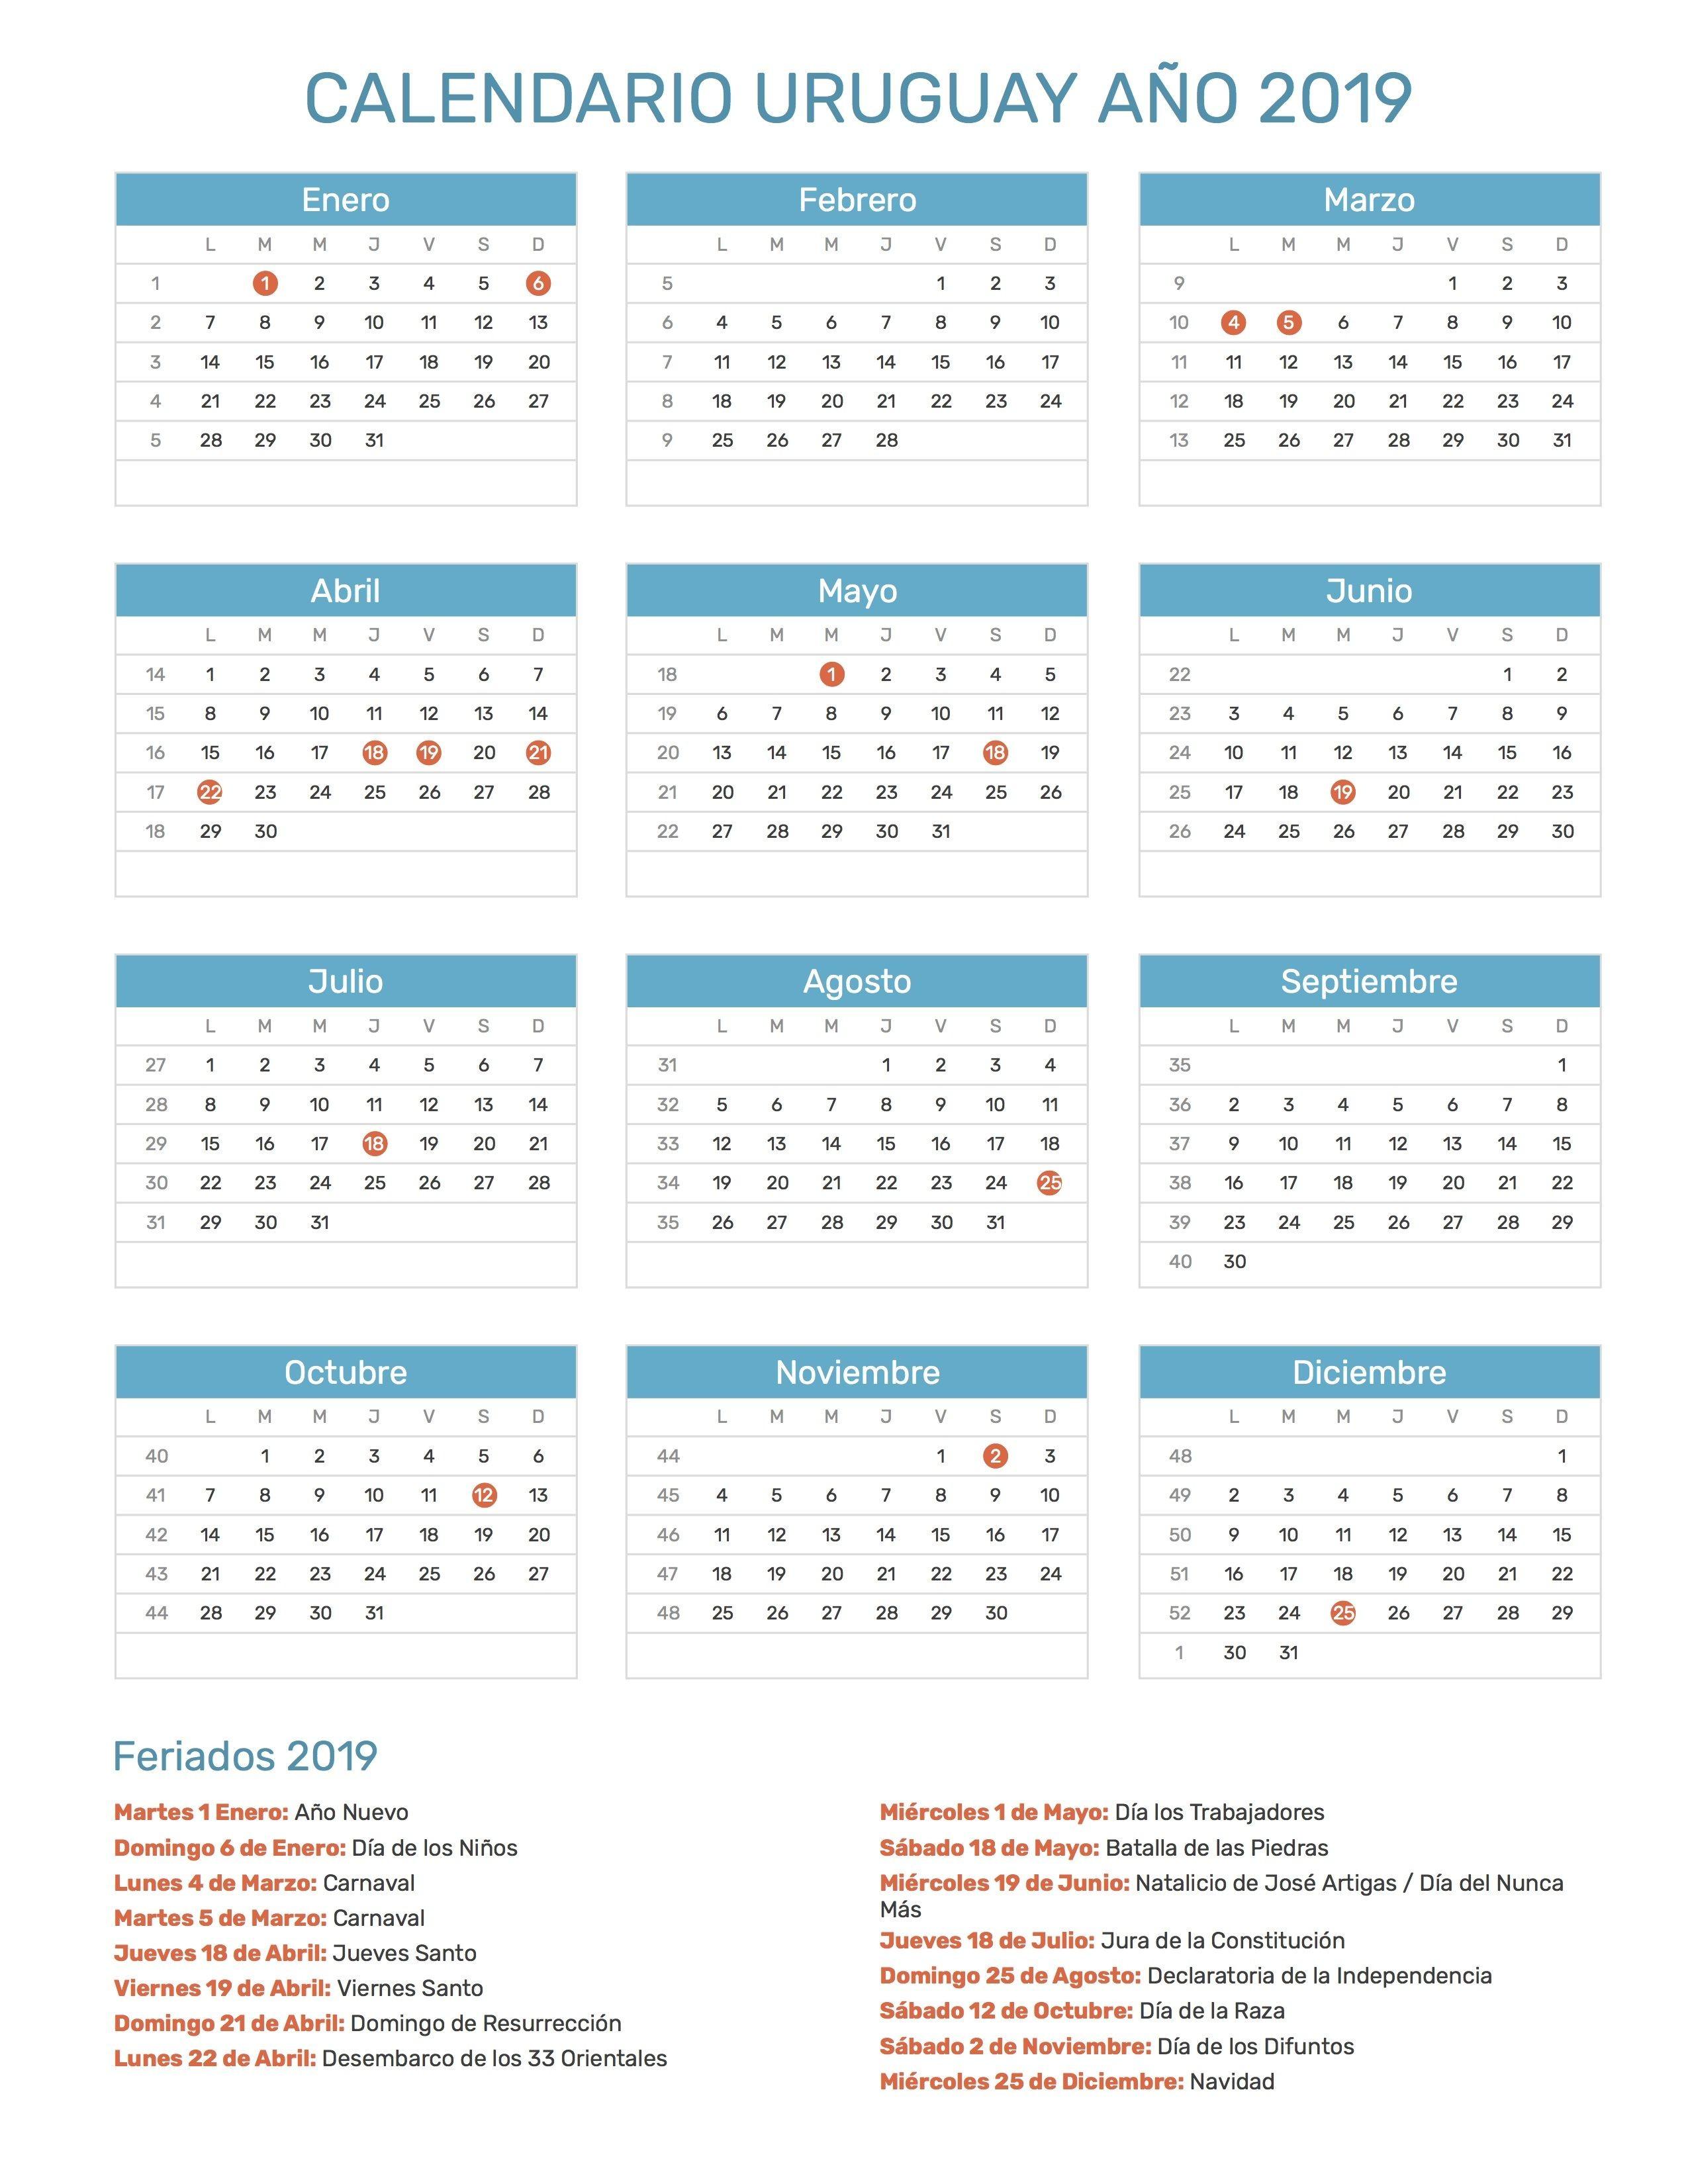 Calendario En Blanco 2019 Para Imprimir Pdf Más Caliente Pin De Calendario Hispano En Calendario Con Feriados A±o 2019 Of Calendario En Blanco 2019 Para Imprimir Pdf Mejores Y Más Novedosos Sin Embargo Este Es Calendario Imprimir 2017 Pdf